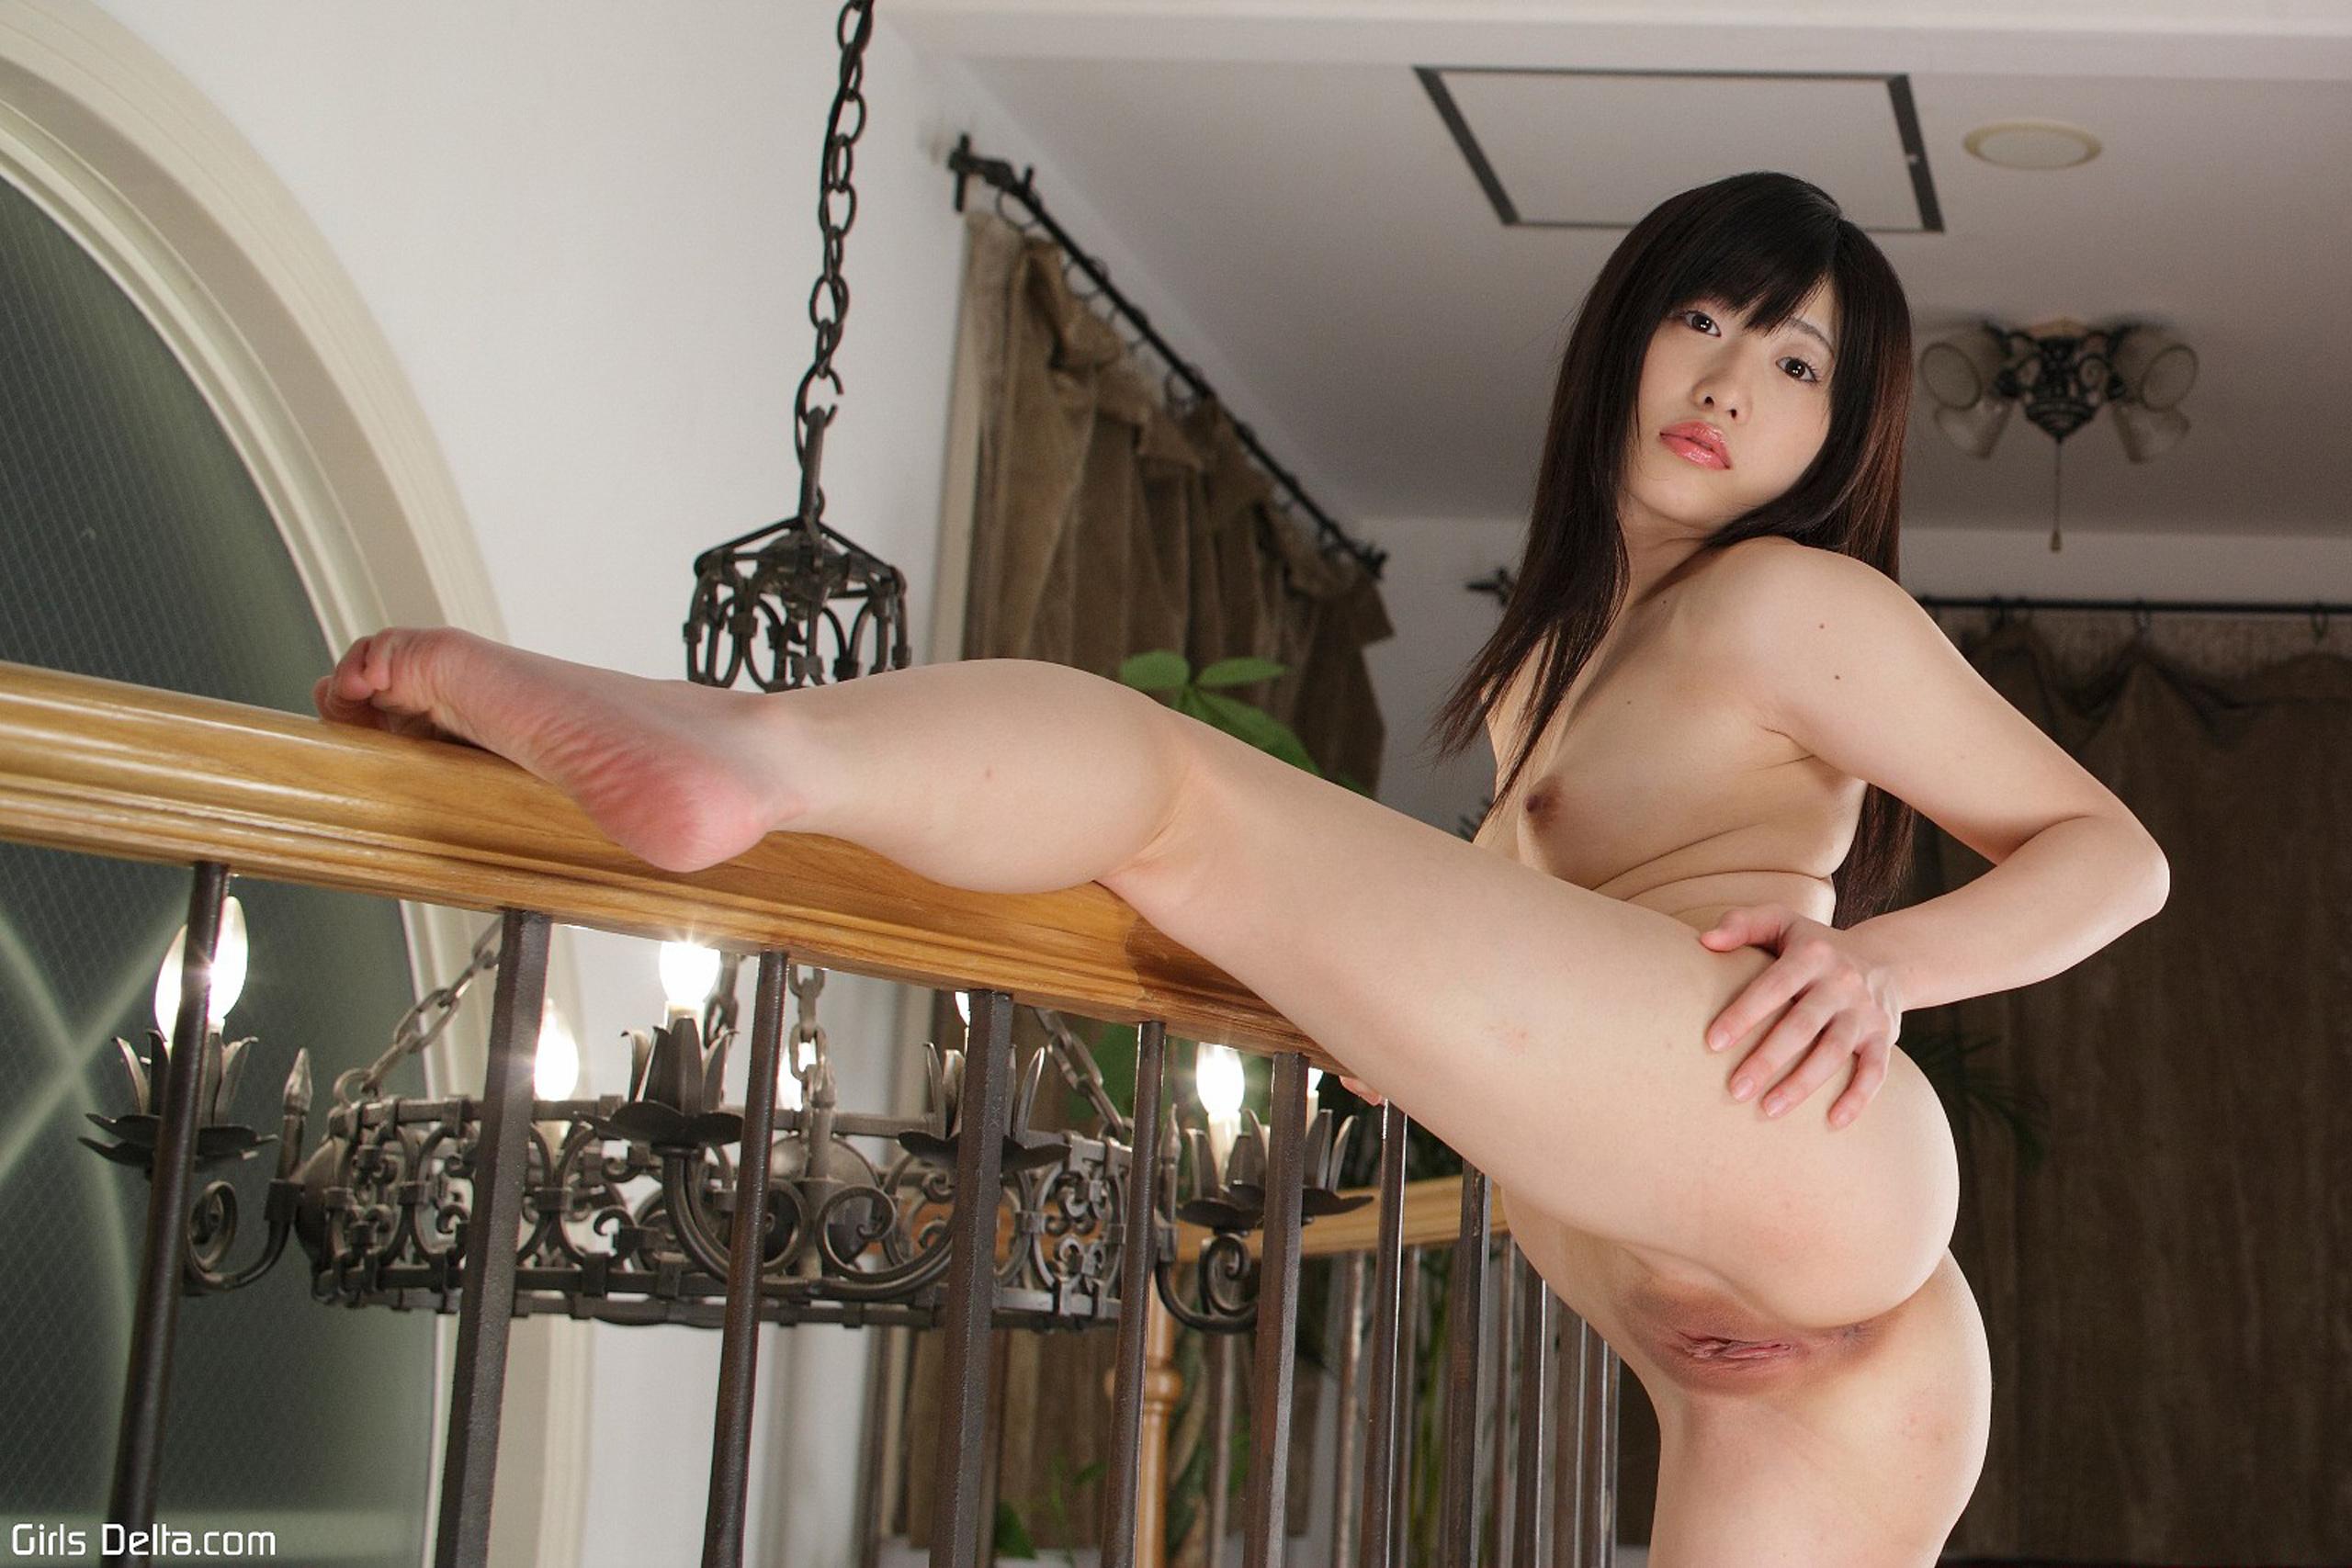 Girls Delta tsukika yoshikawa